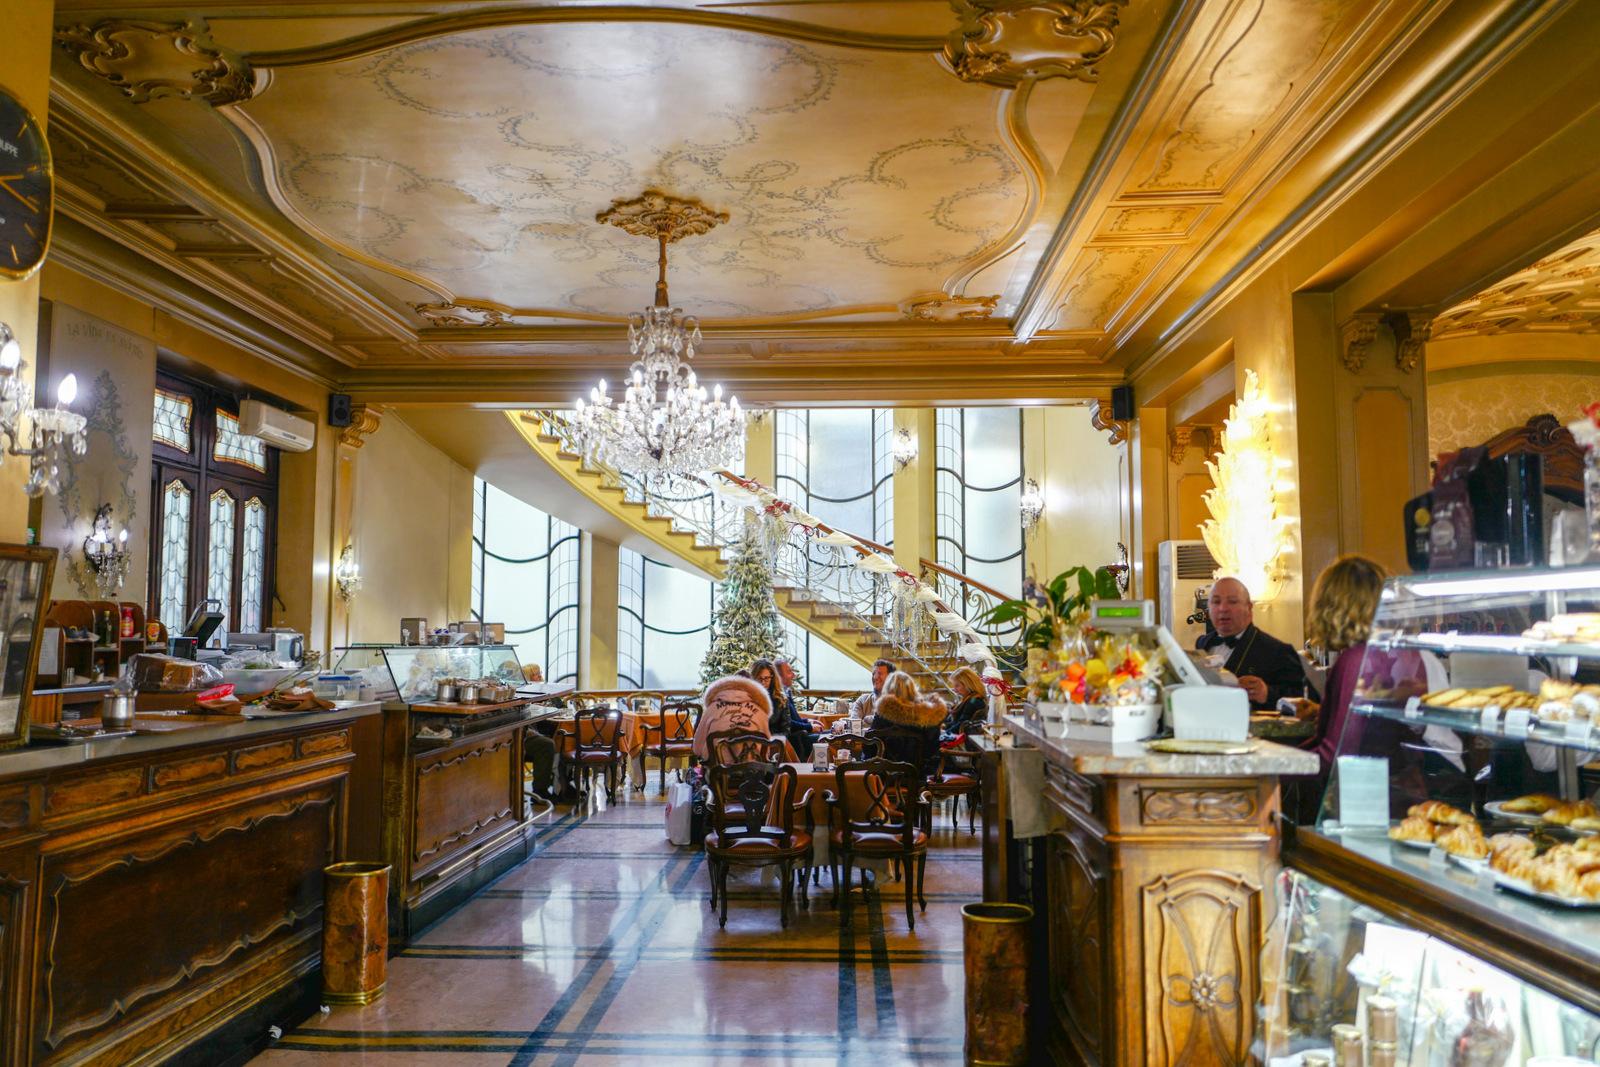 Caffe Torino @ Turin, Italy